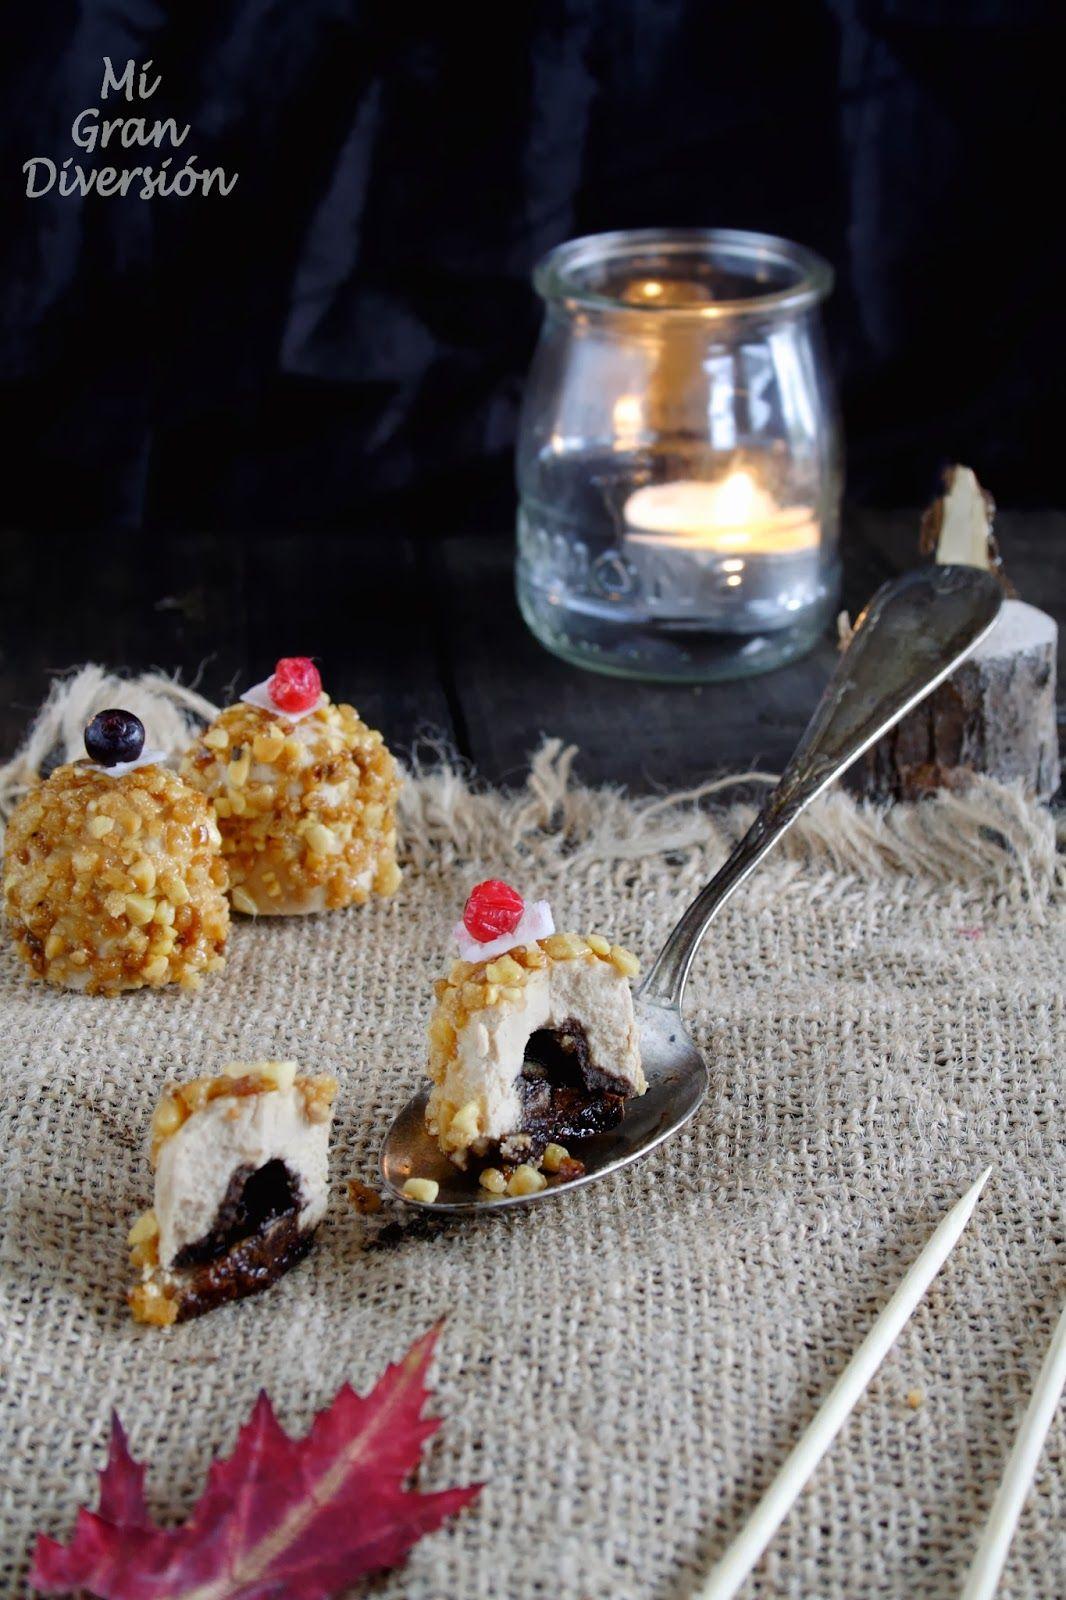 Un aperitivo sencillo y realmente delicioso para los amantes del foie, acompañados de unas tostadas...terriblemente delicioso y adictivo......